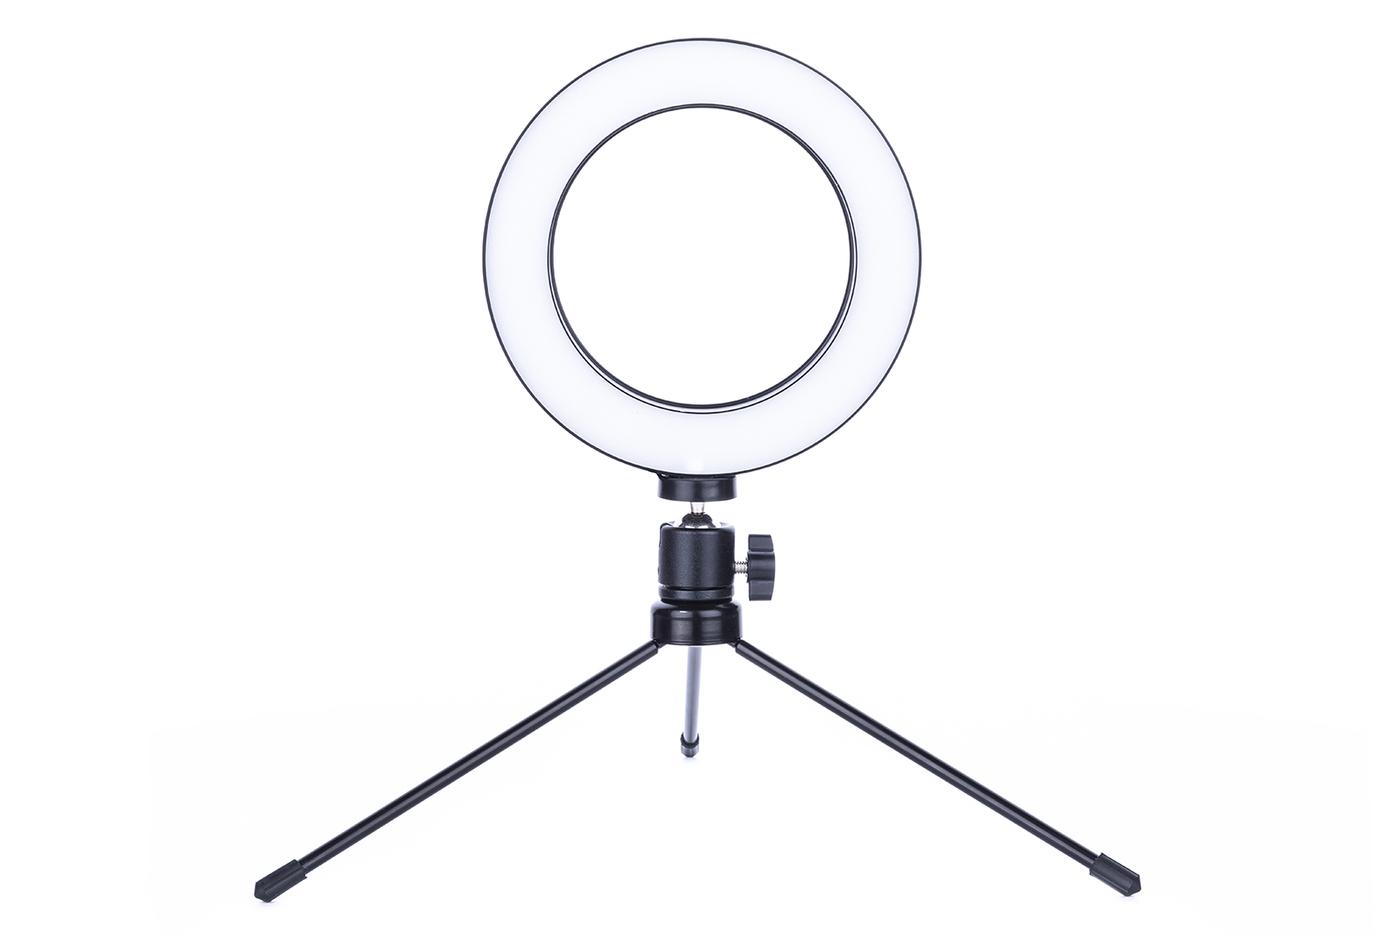 Кольцевая светодиодная лампа LK-16. Диаметр 16 см. С Bluetooth пультом управления. С настольным штативом. Для визажиста, блоггера и косметолога.